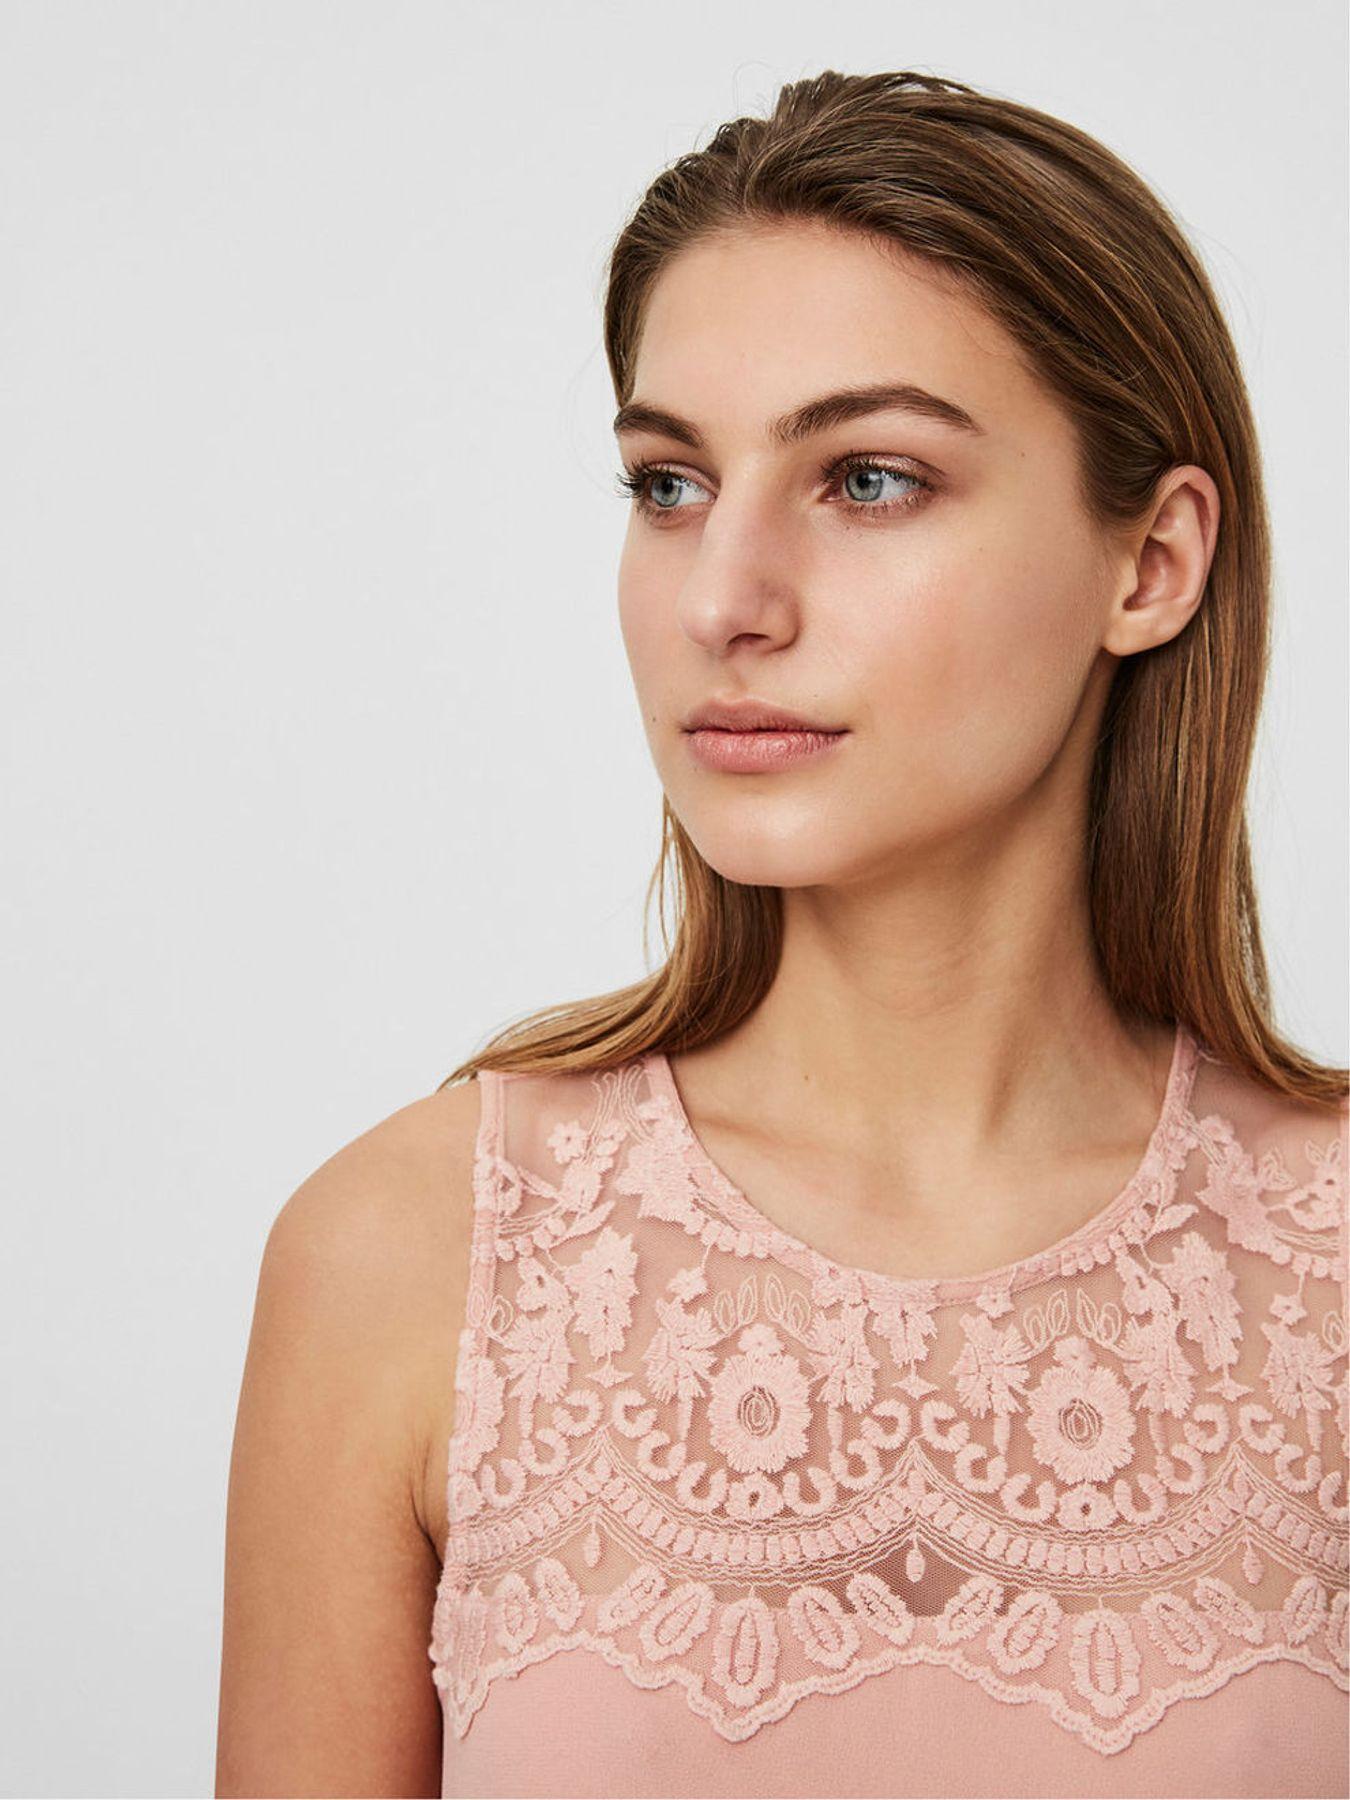 Konfirmations Kleid - VERO MODA - Damen Spitzen Kleid ohne Ärmel in rose oder blau (10193196) – Bild 5